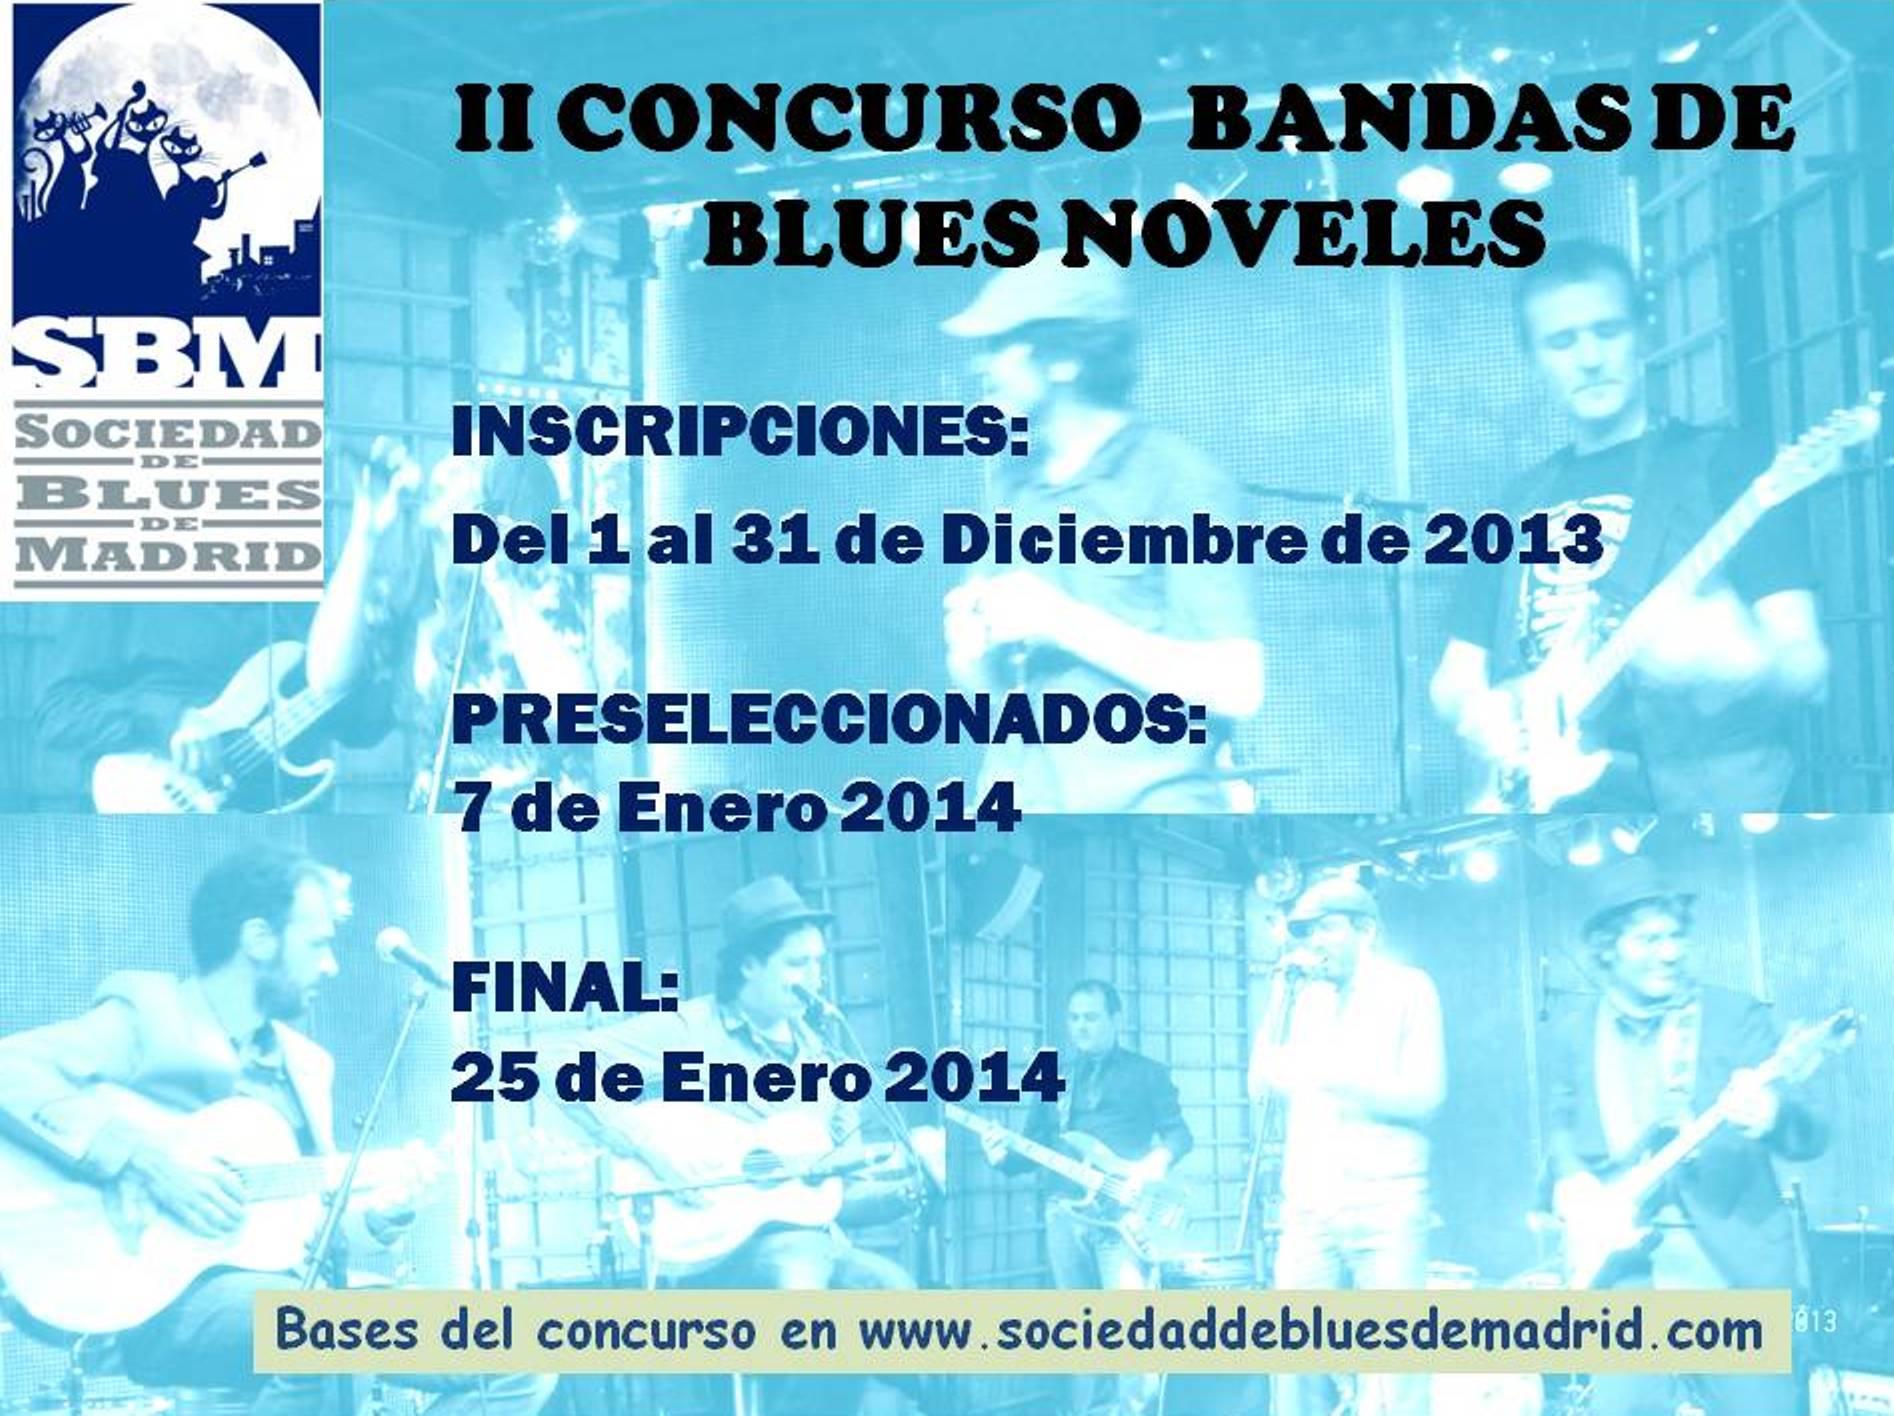 Cartel_II_Concurso_Bandas